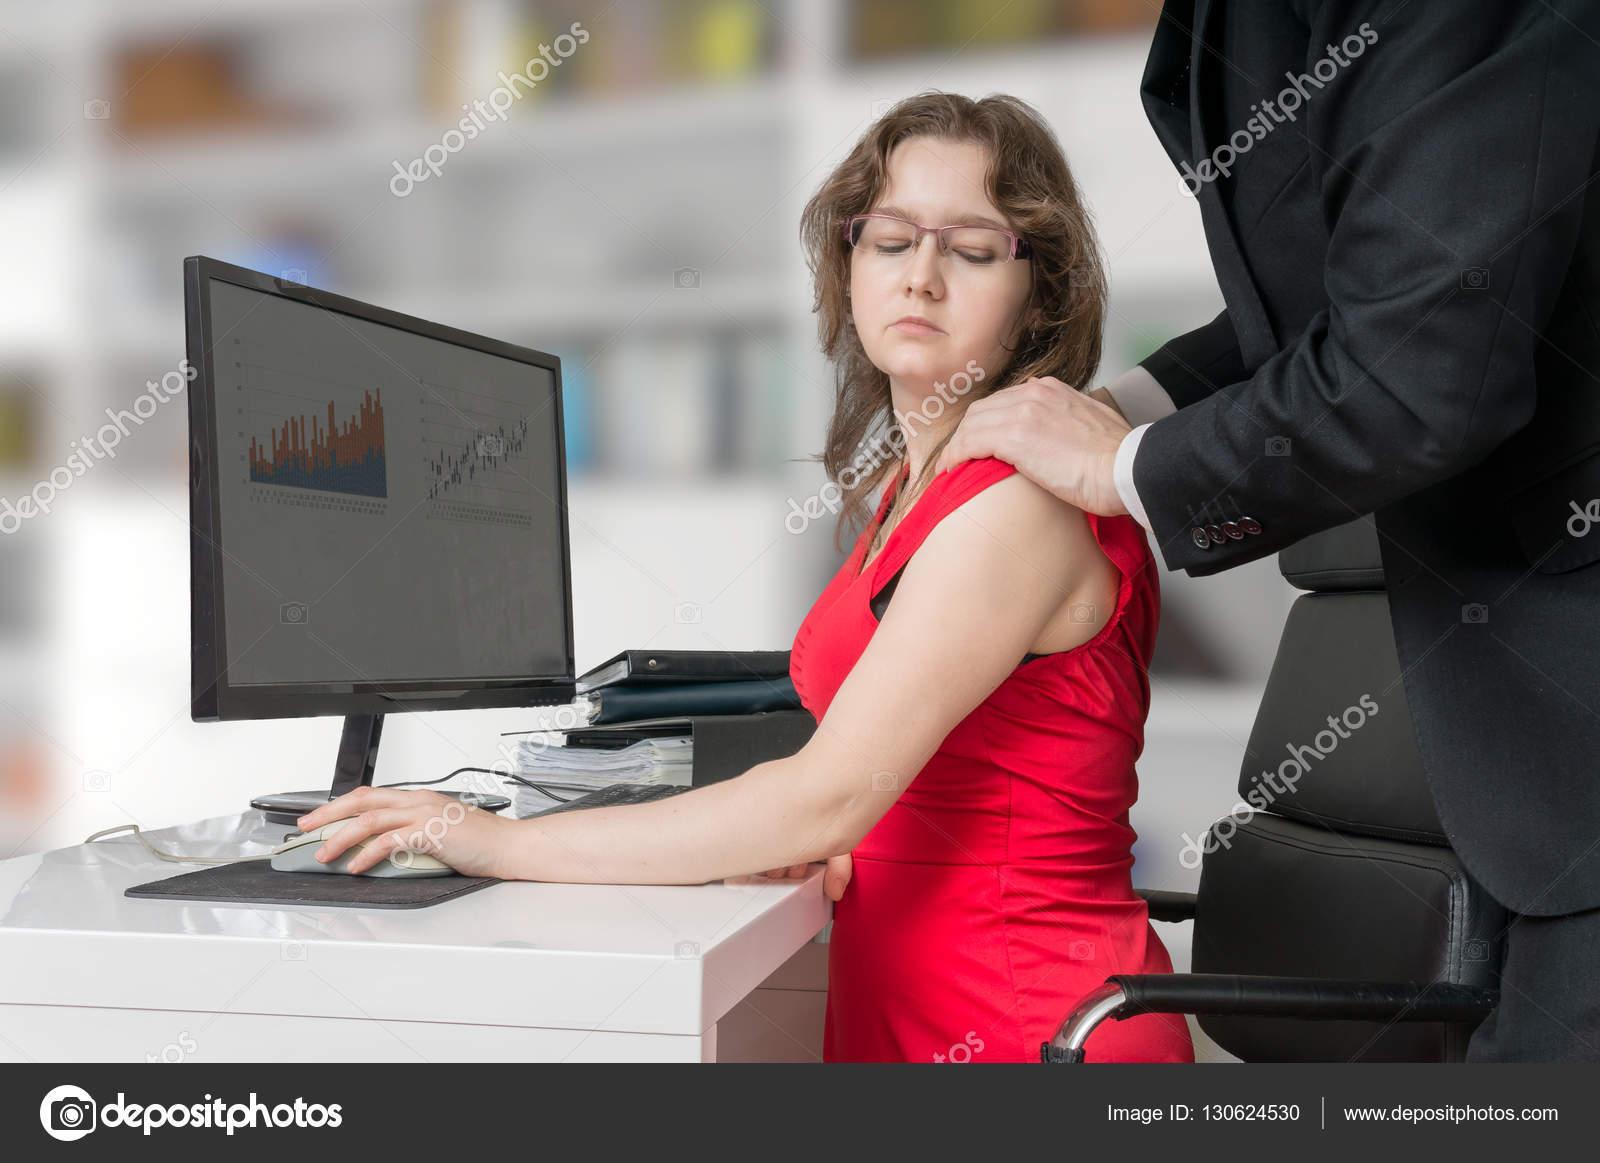 Порно фото услуги профессионального фотографа